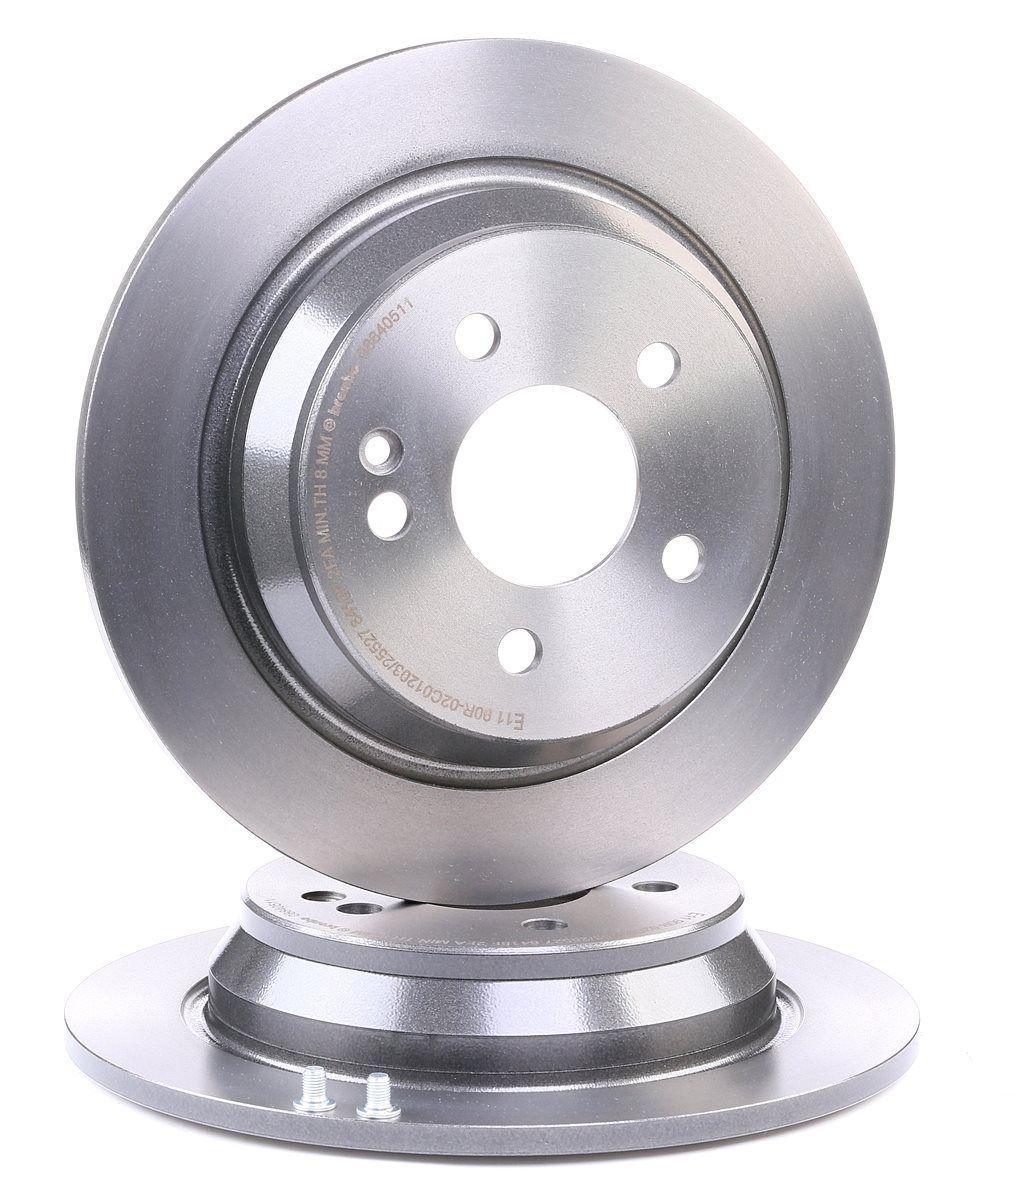 Origine Disque de frein BREMBO 08.8405.10 (Ø: 296mm, Nbre de trous: 5, Épaisseur du disque de frein: 10mm)